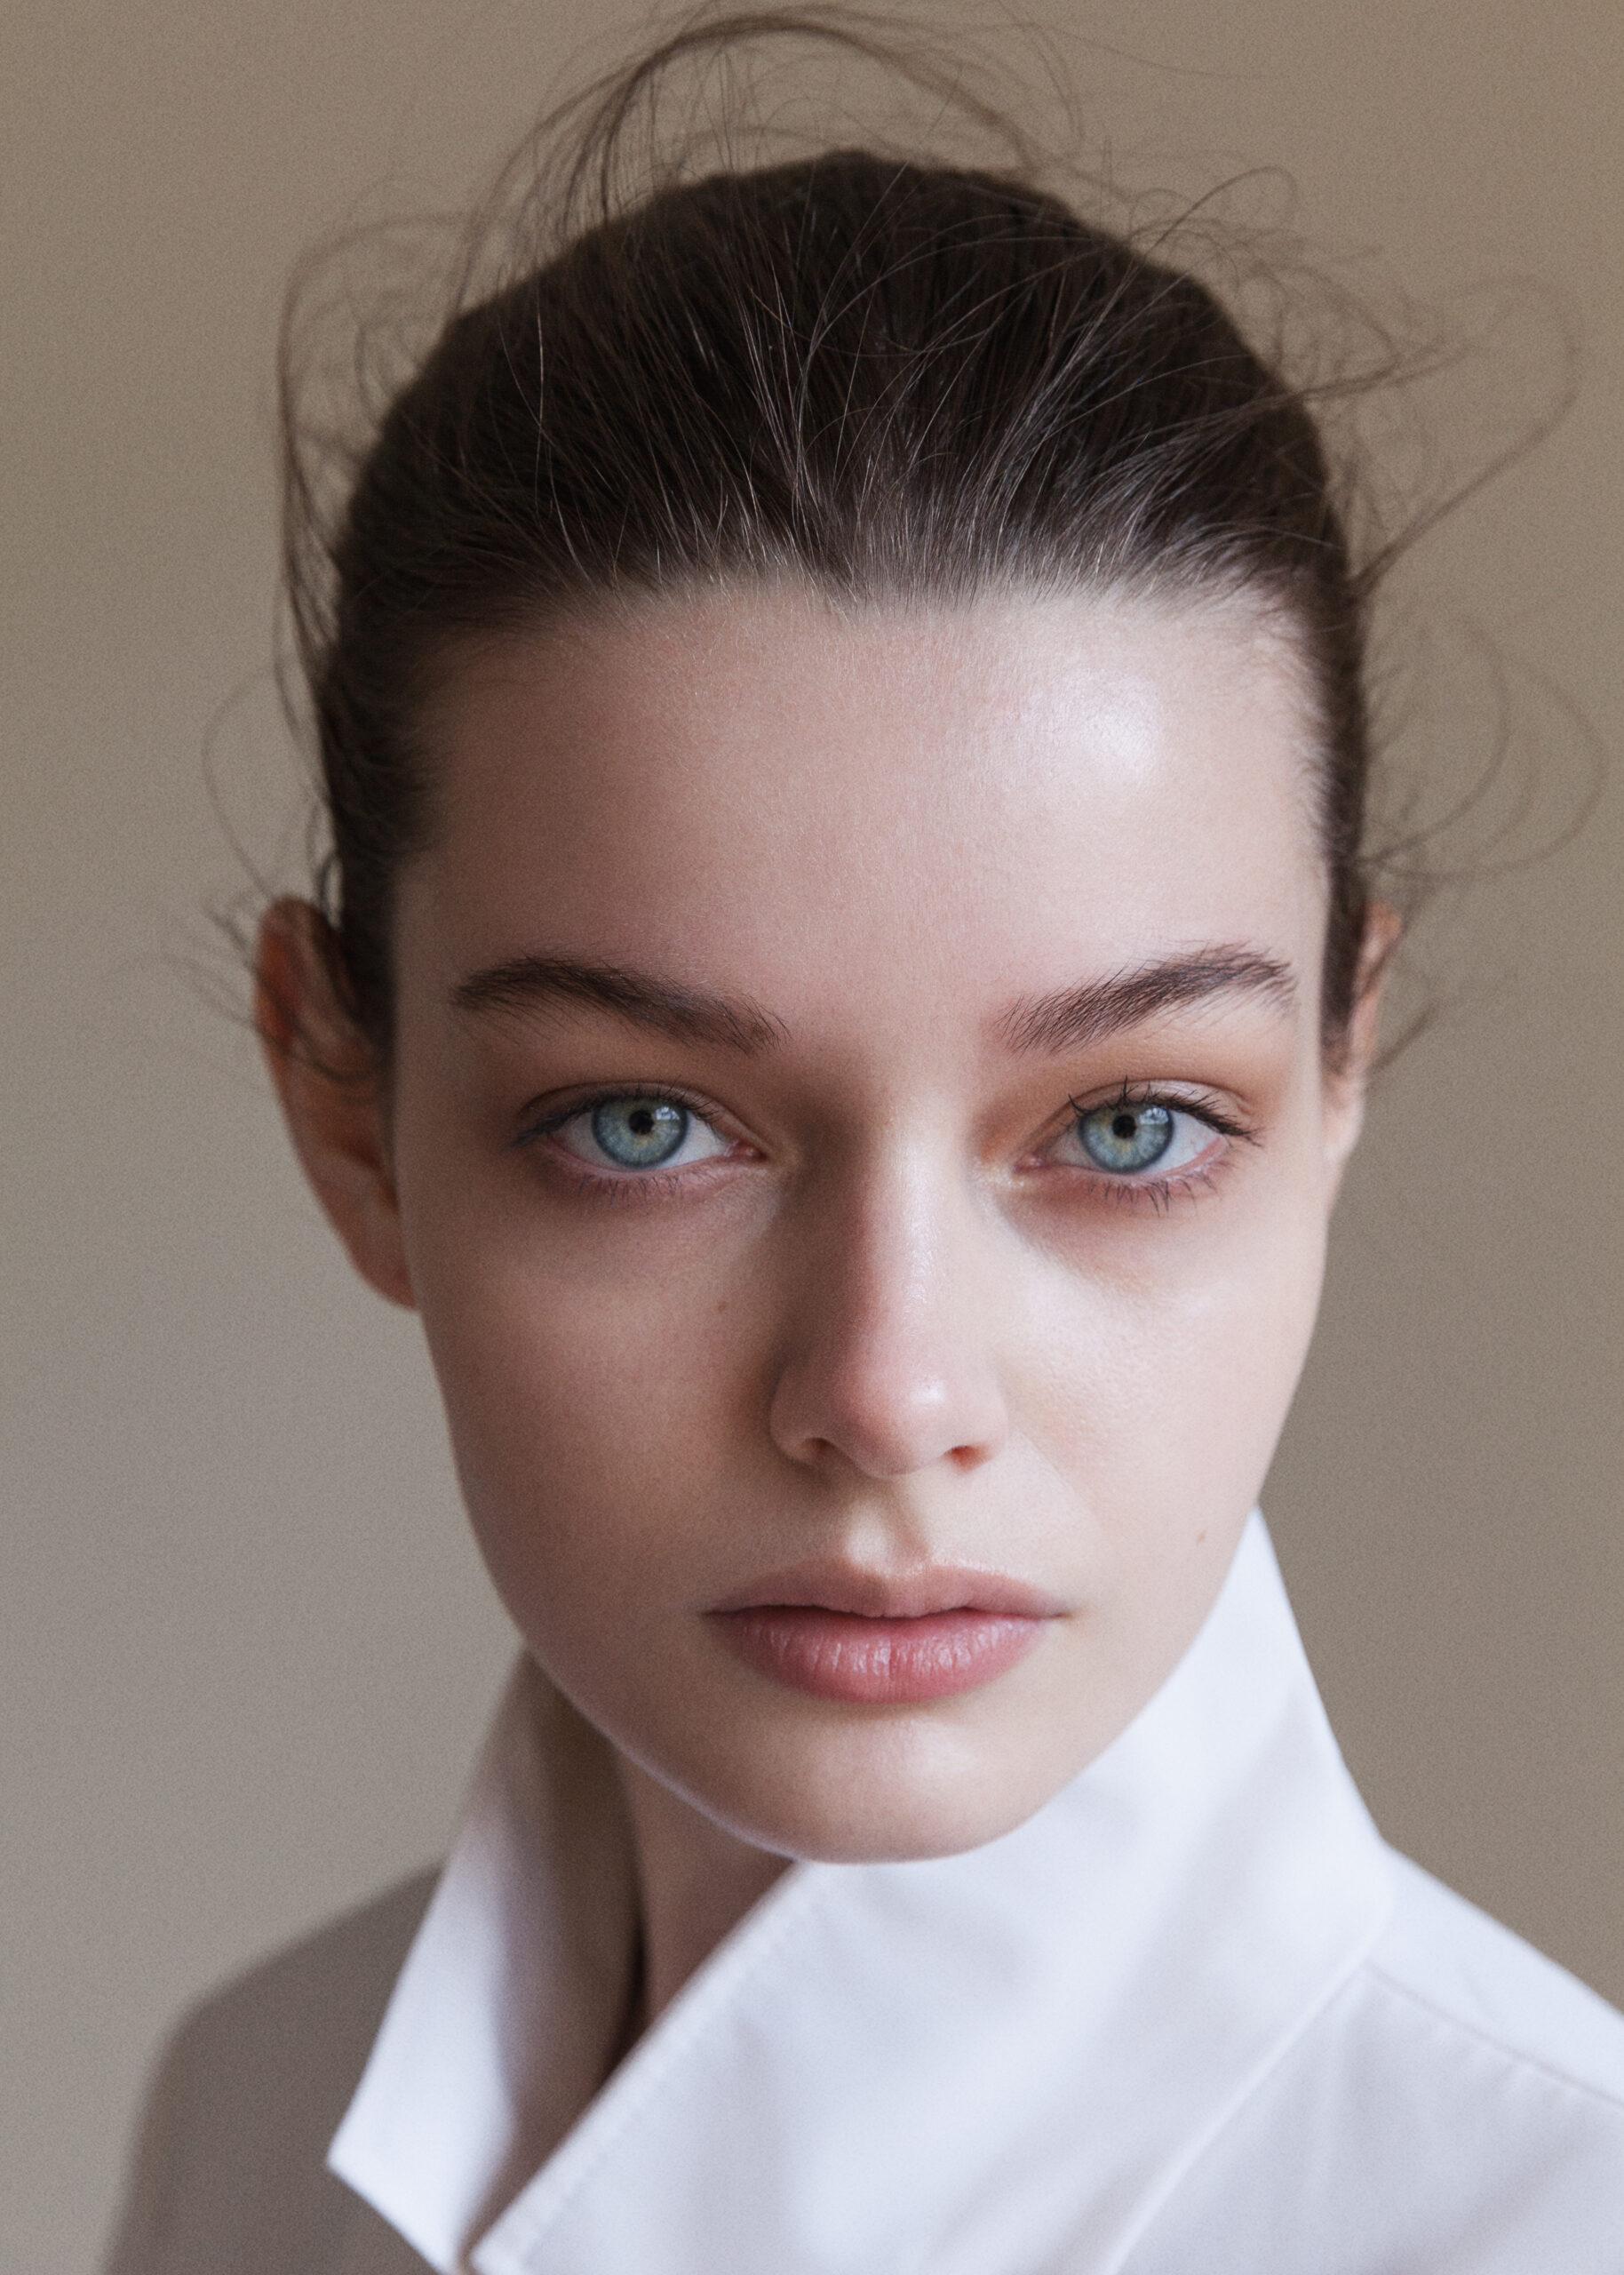 Rachel Flett